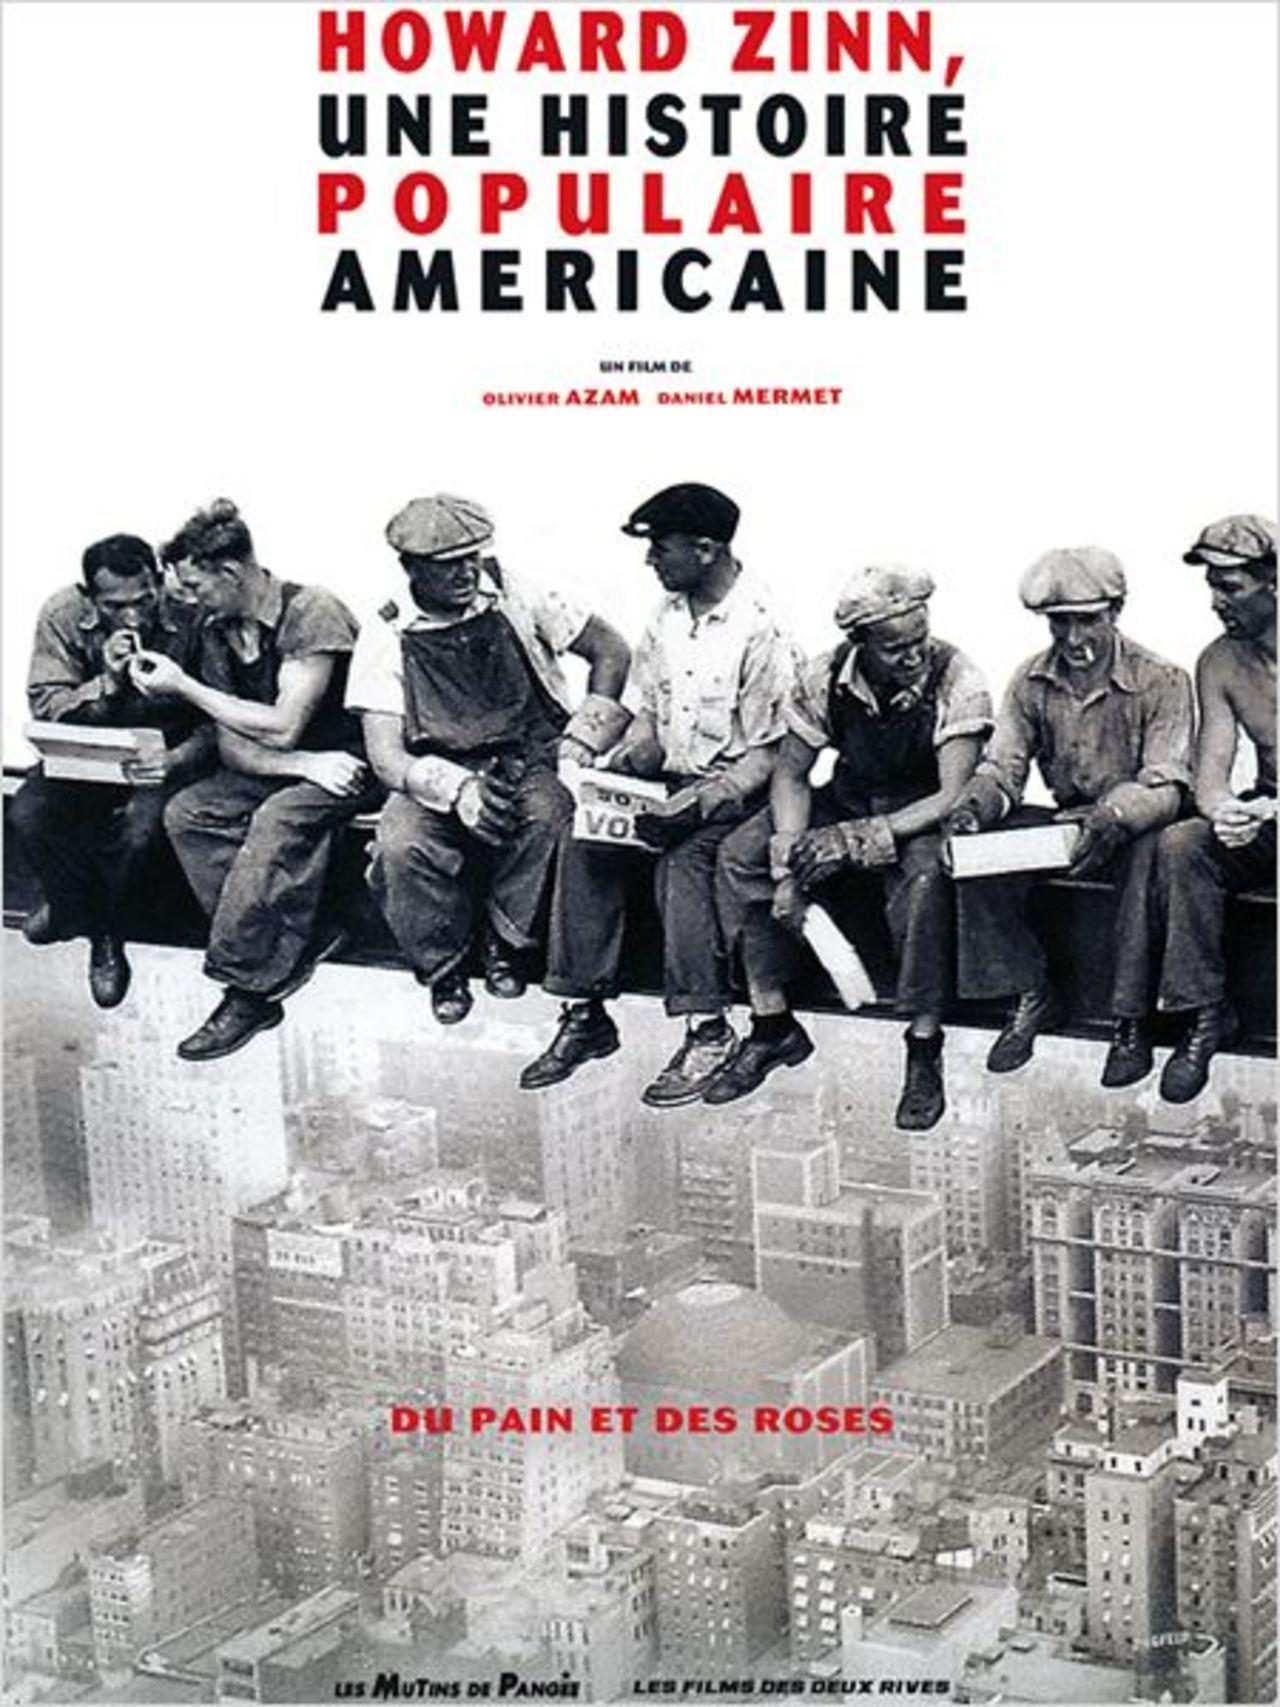 Howard Zinn Une Histoire Populaire Américaine : howard, histoire, populaire, américaine, FILM], Howard, Zinn,, Histoire, Populaire, Américaine, Fr.socialisme.be